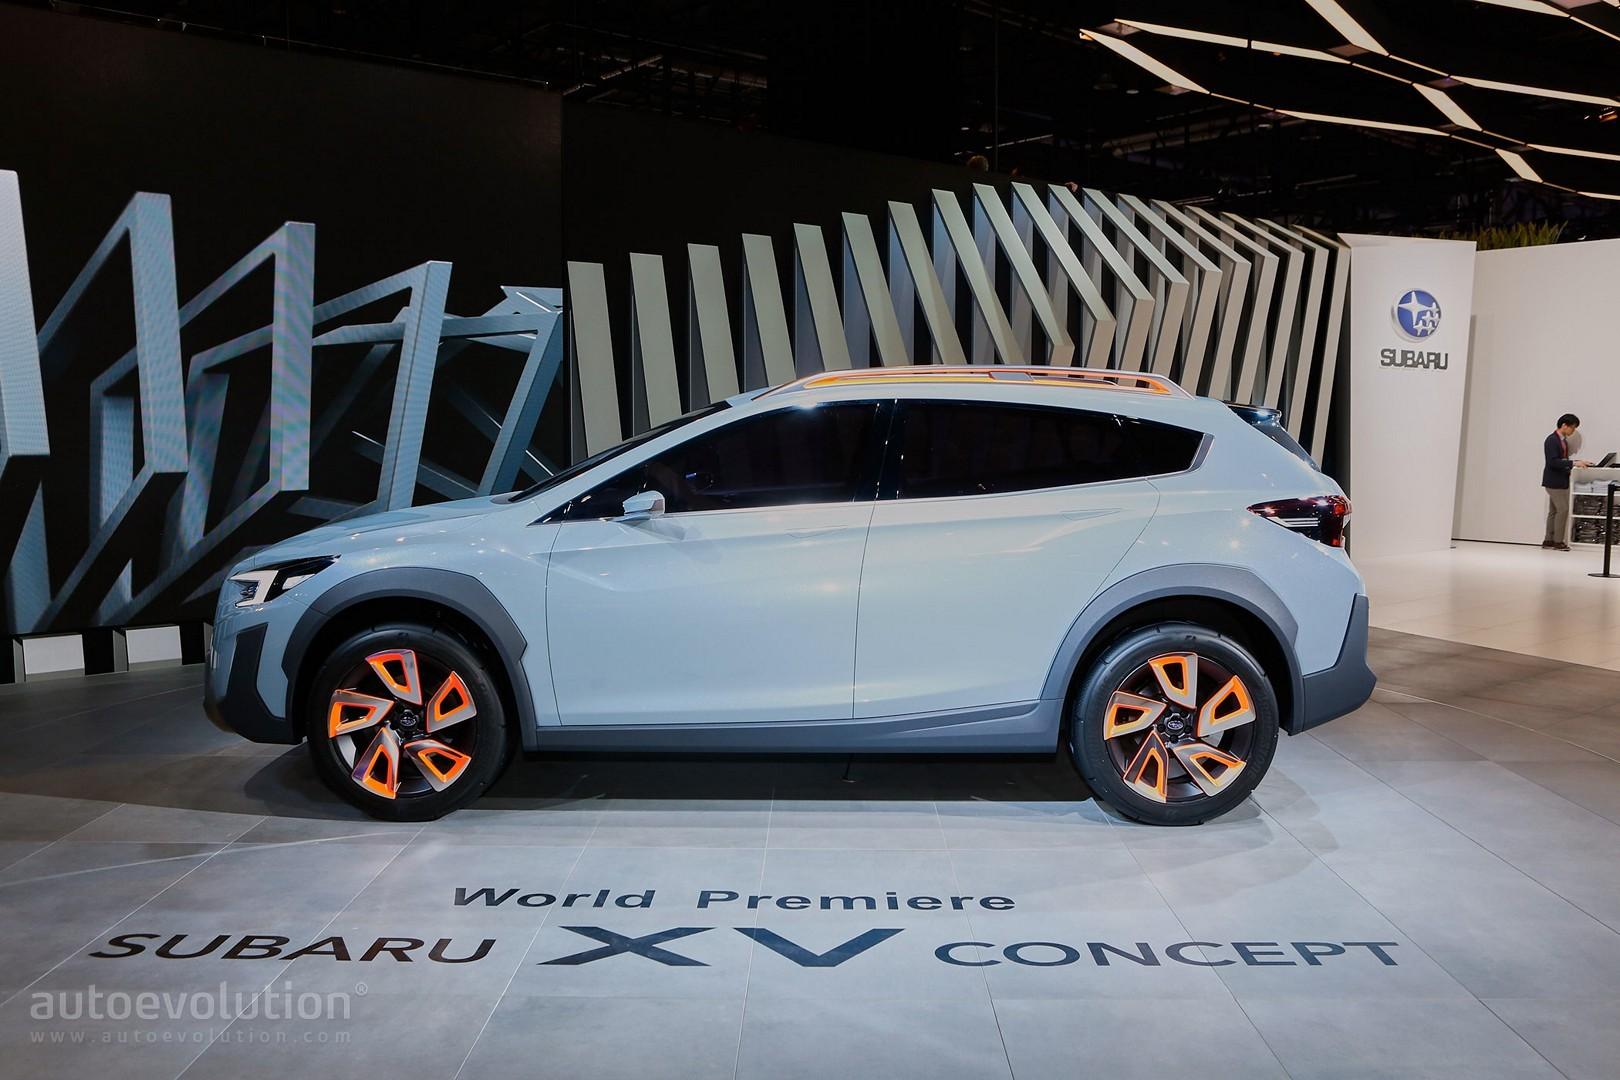 Subaru Xv Concept Live Photos